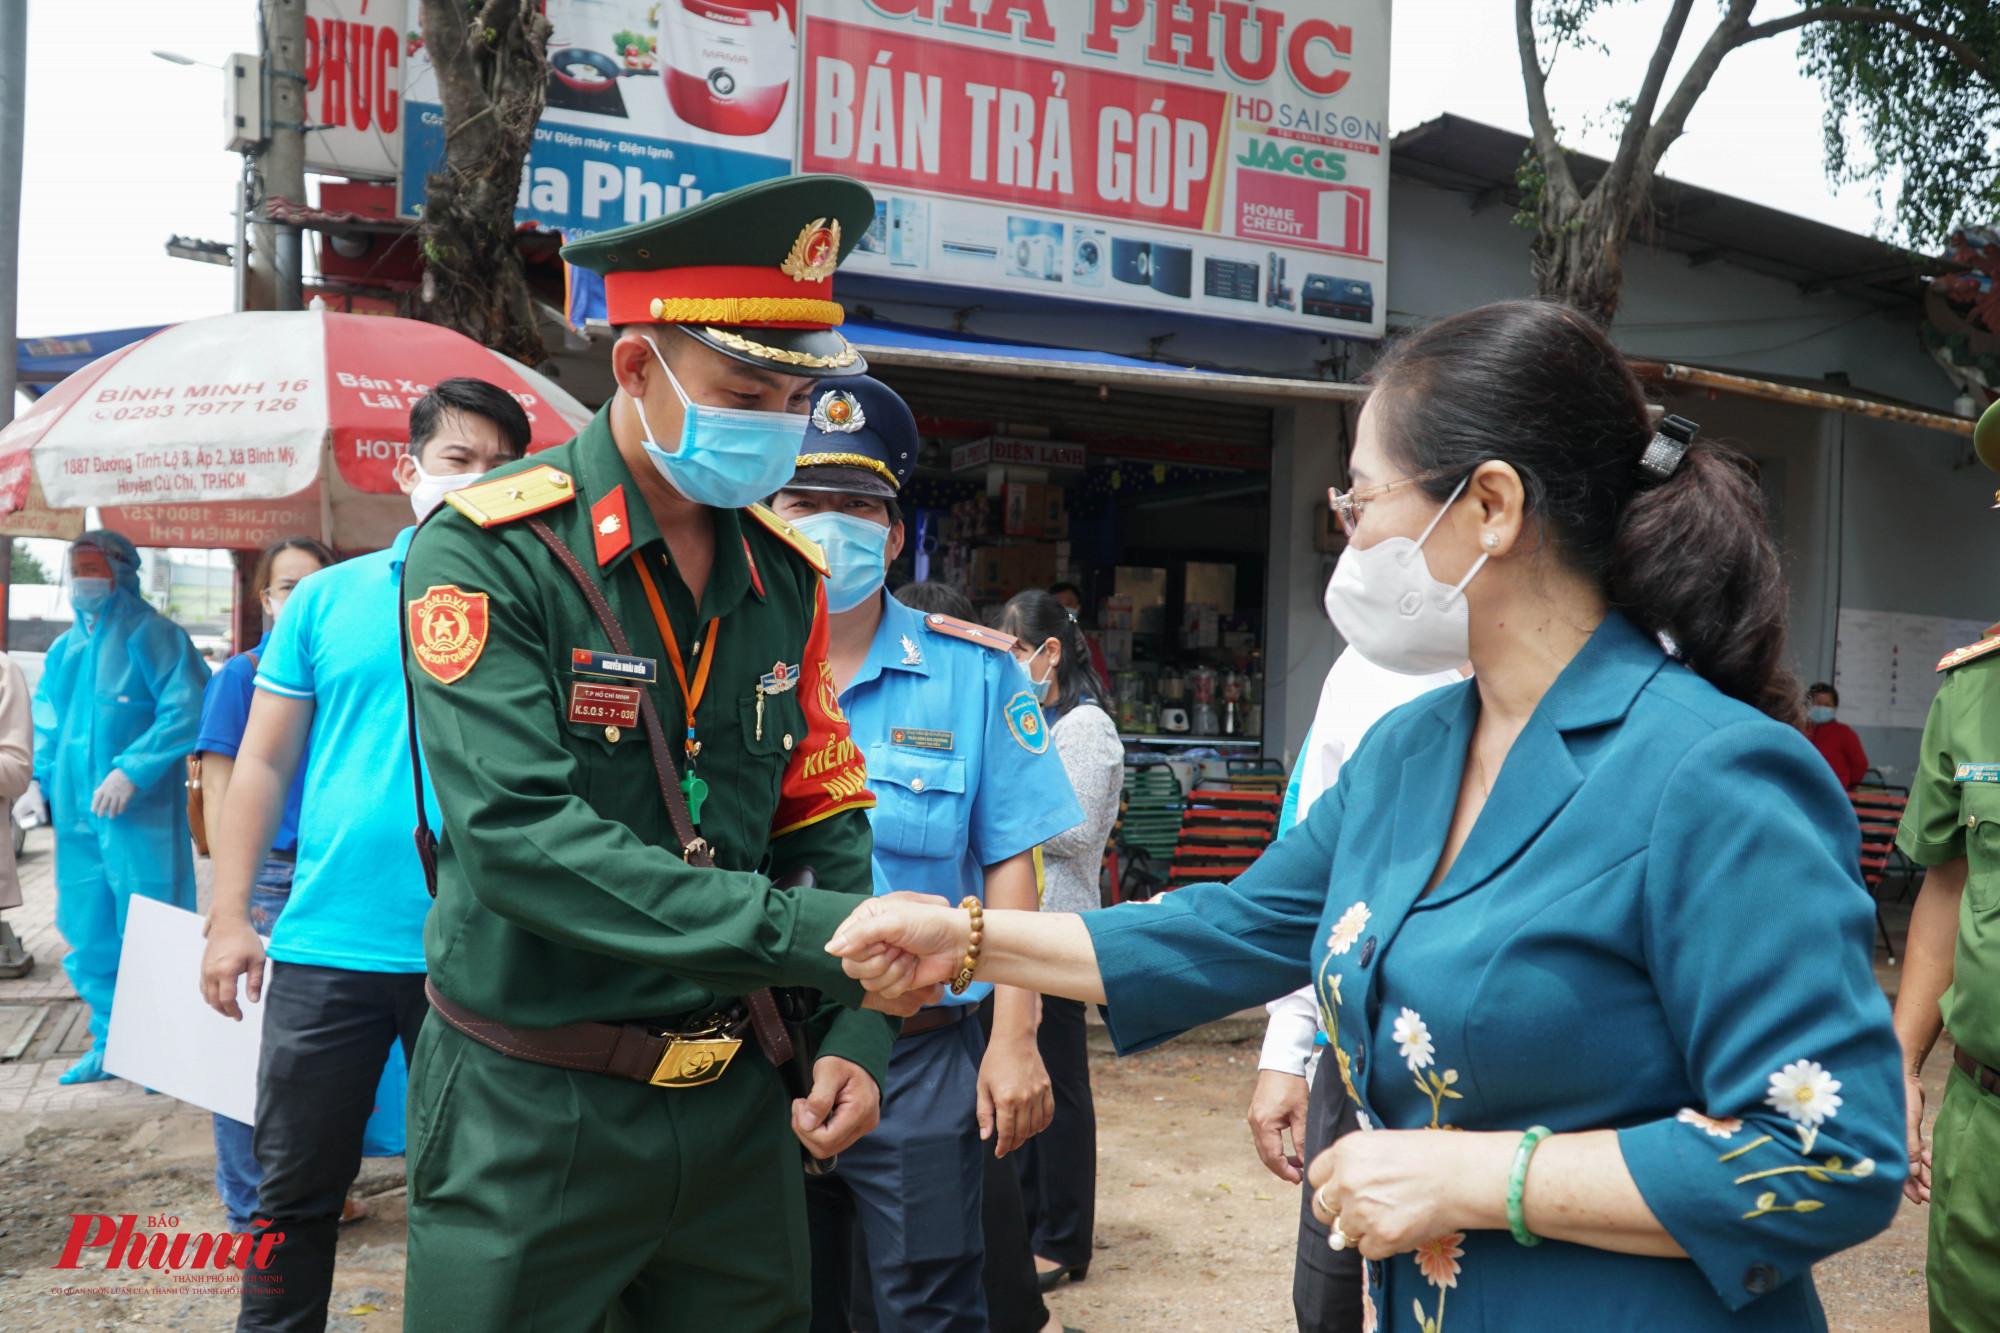 Bà Nguyễn Thị Lệ nahức các cán bộ chiến sĩ, nhân viên y tế phải giữ gìn sức khỏe